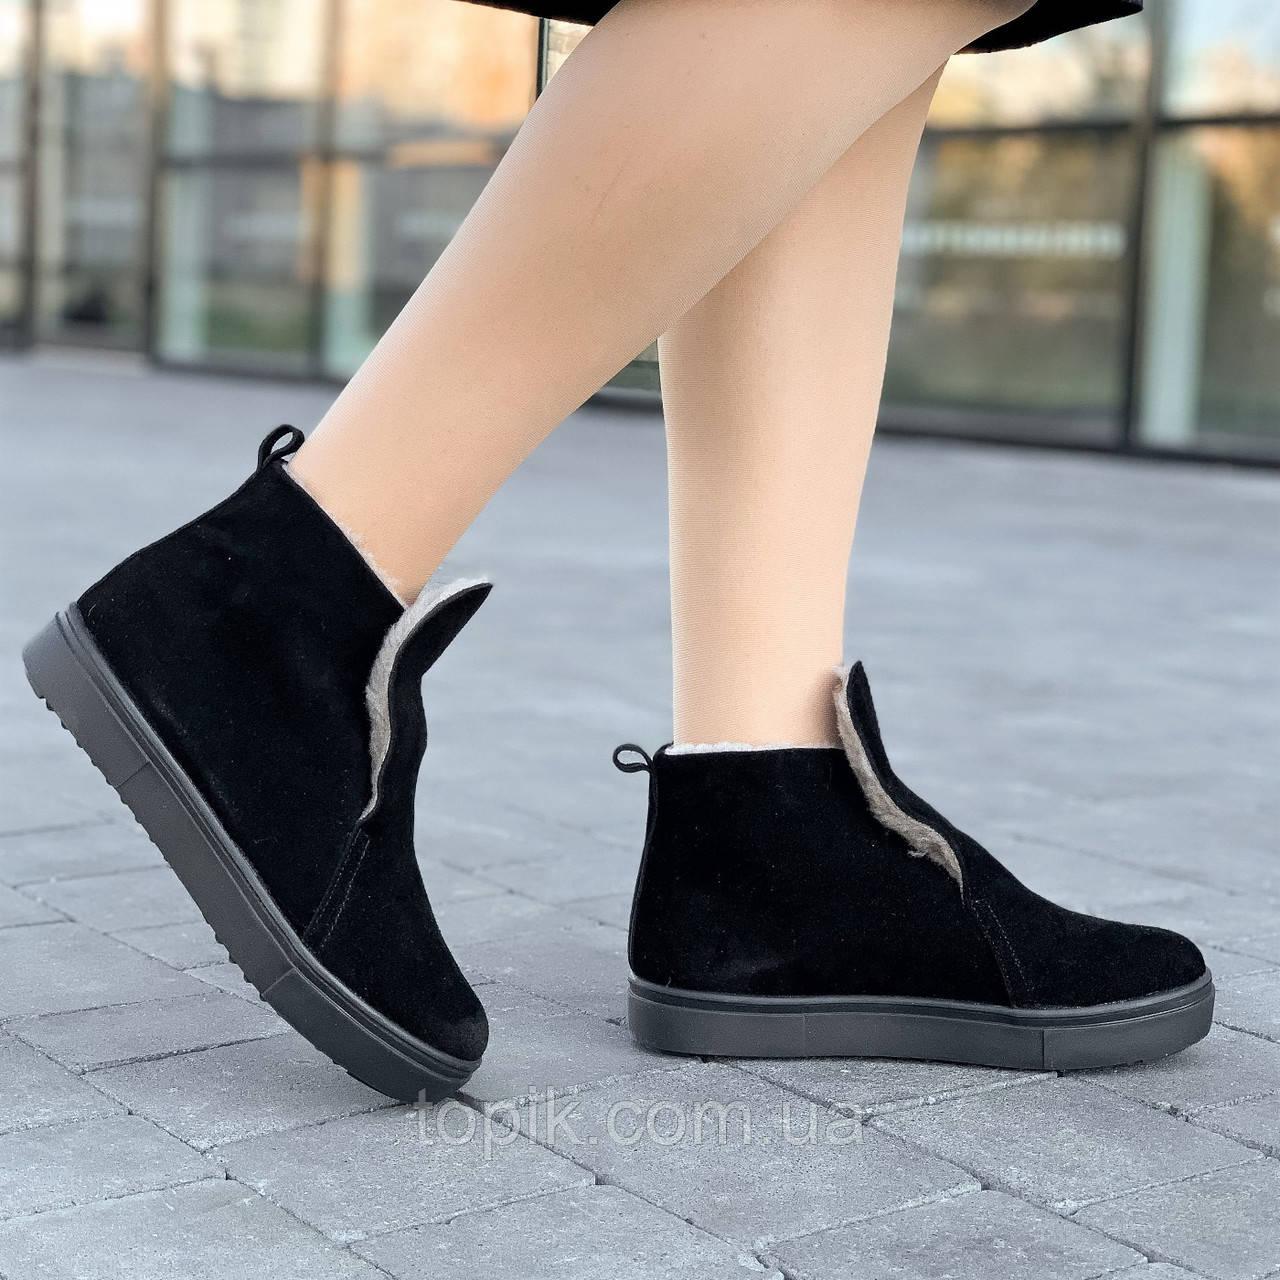 Ботинки женские зимние замшевые черные модные, полуботинки (Код: 1617)